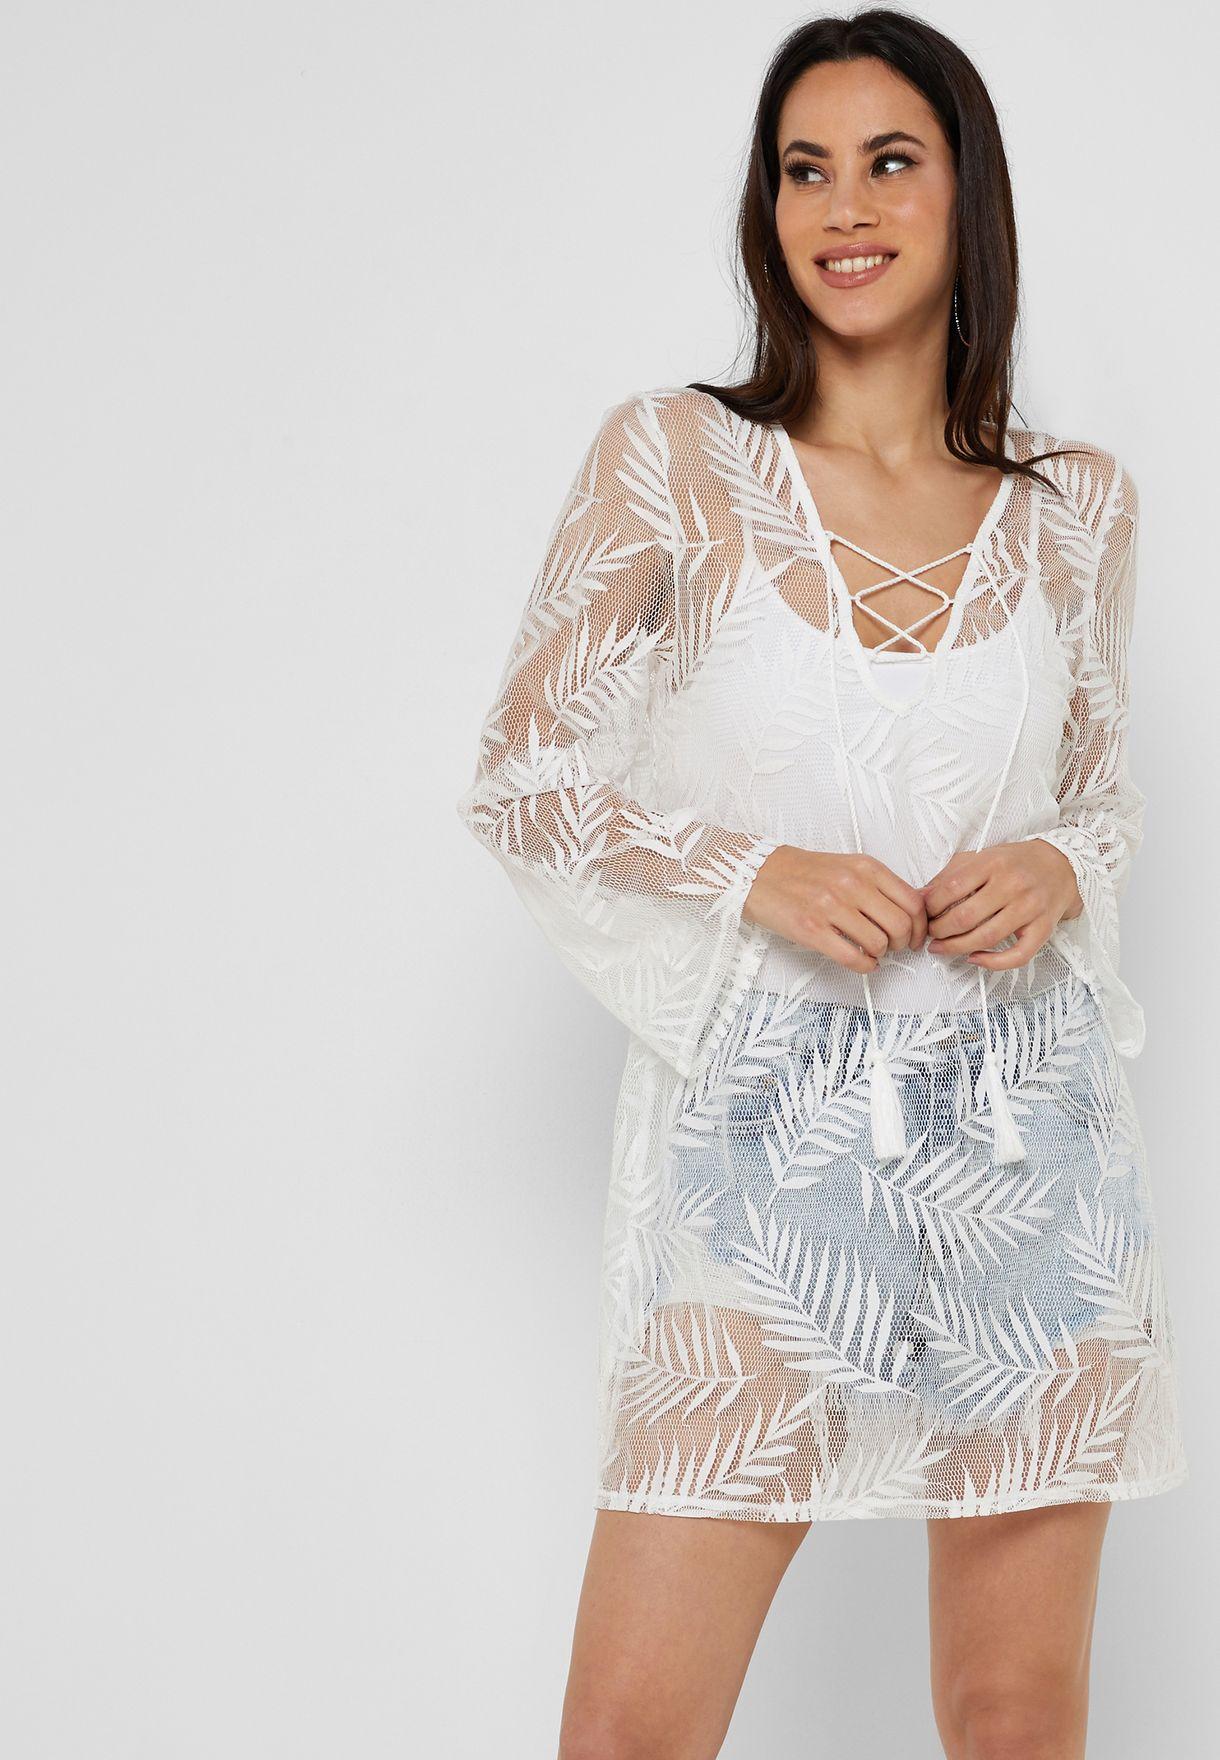 f30e8cae7d2d8 تسوق فستان بحر كروشيه شفاف ماركة نيو لوك لون أبيض 609631210 في ...